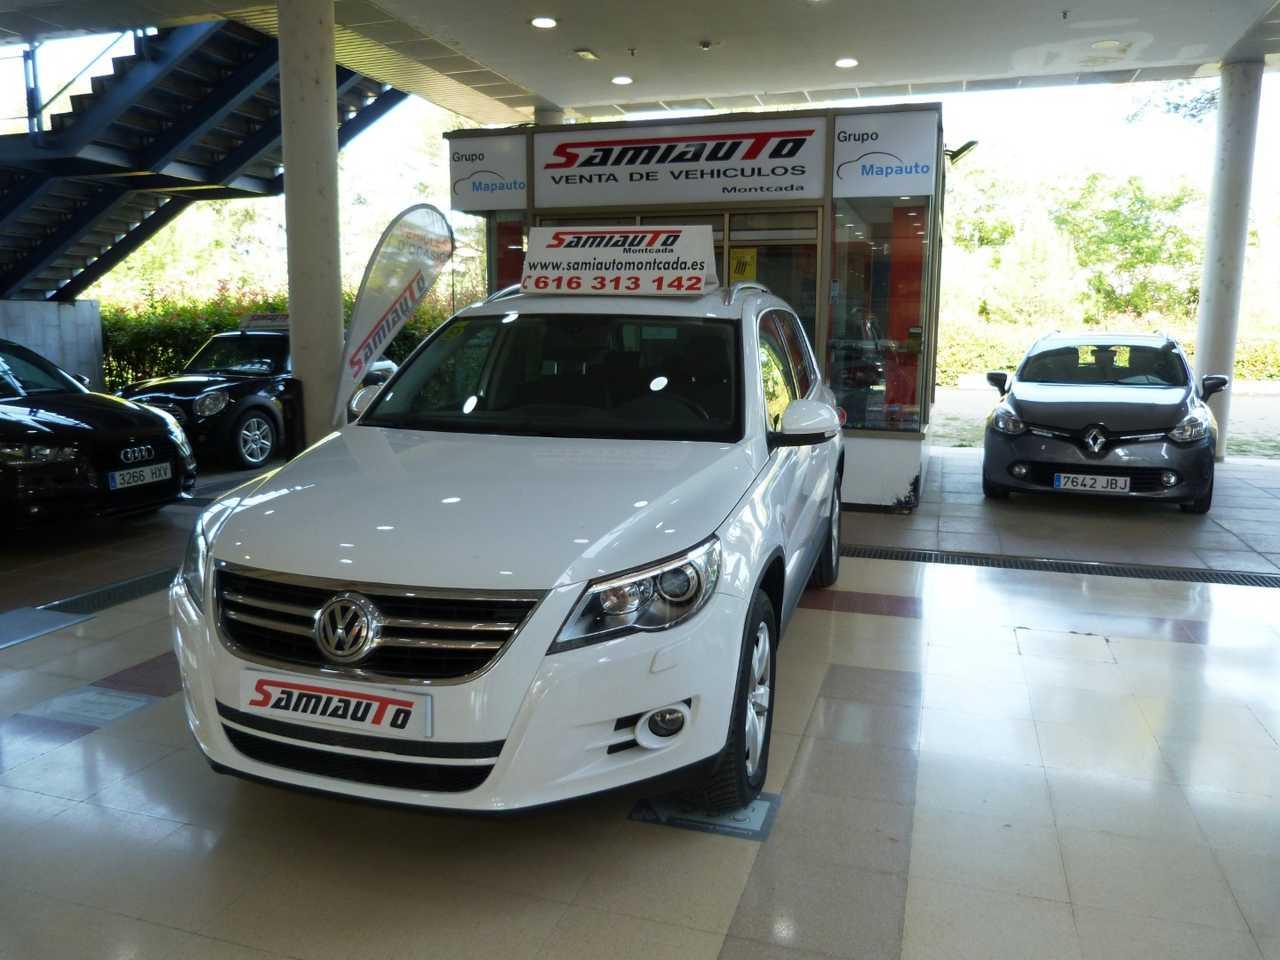 Volkswagen Tiguan VOLKSWAGEN Tiguan 2.0 TDI 140cv 4x4 Excellence UN SOLO PROPIETARIO PARTICULAR  - Foto 1